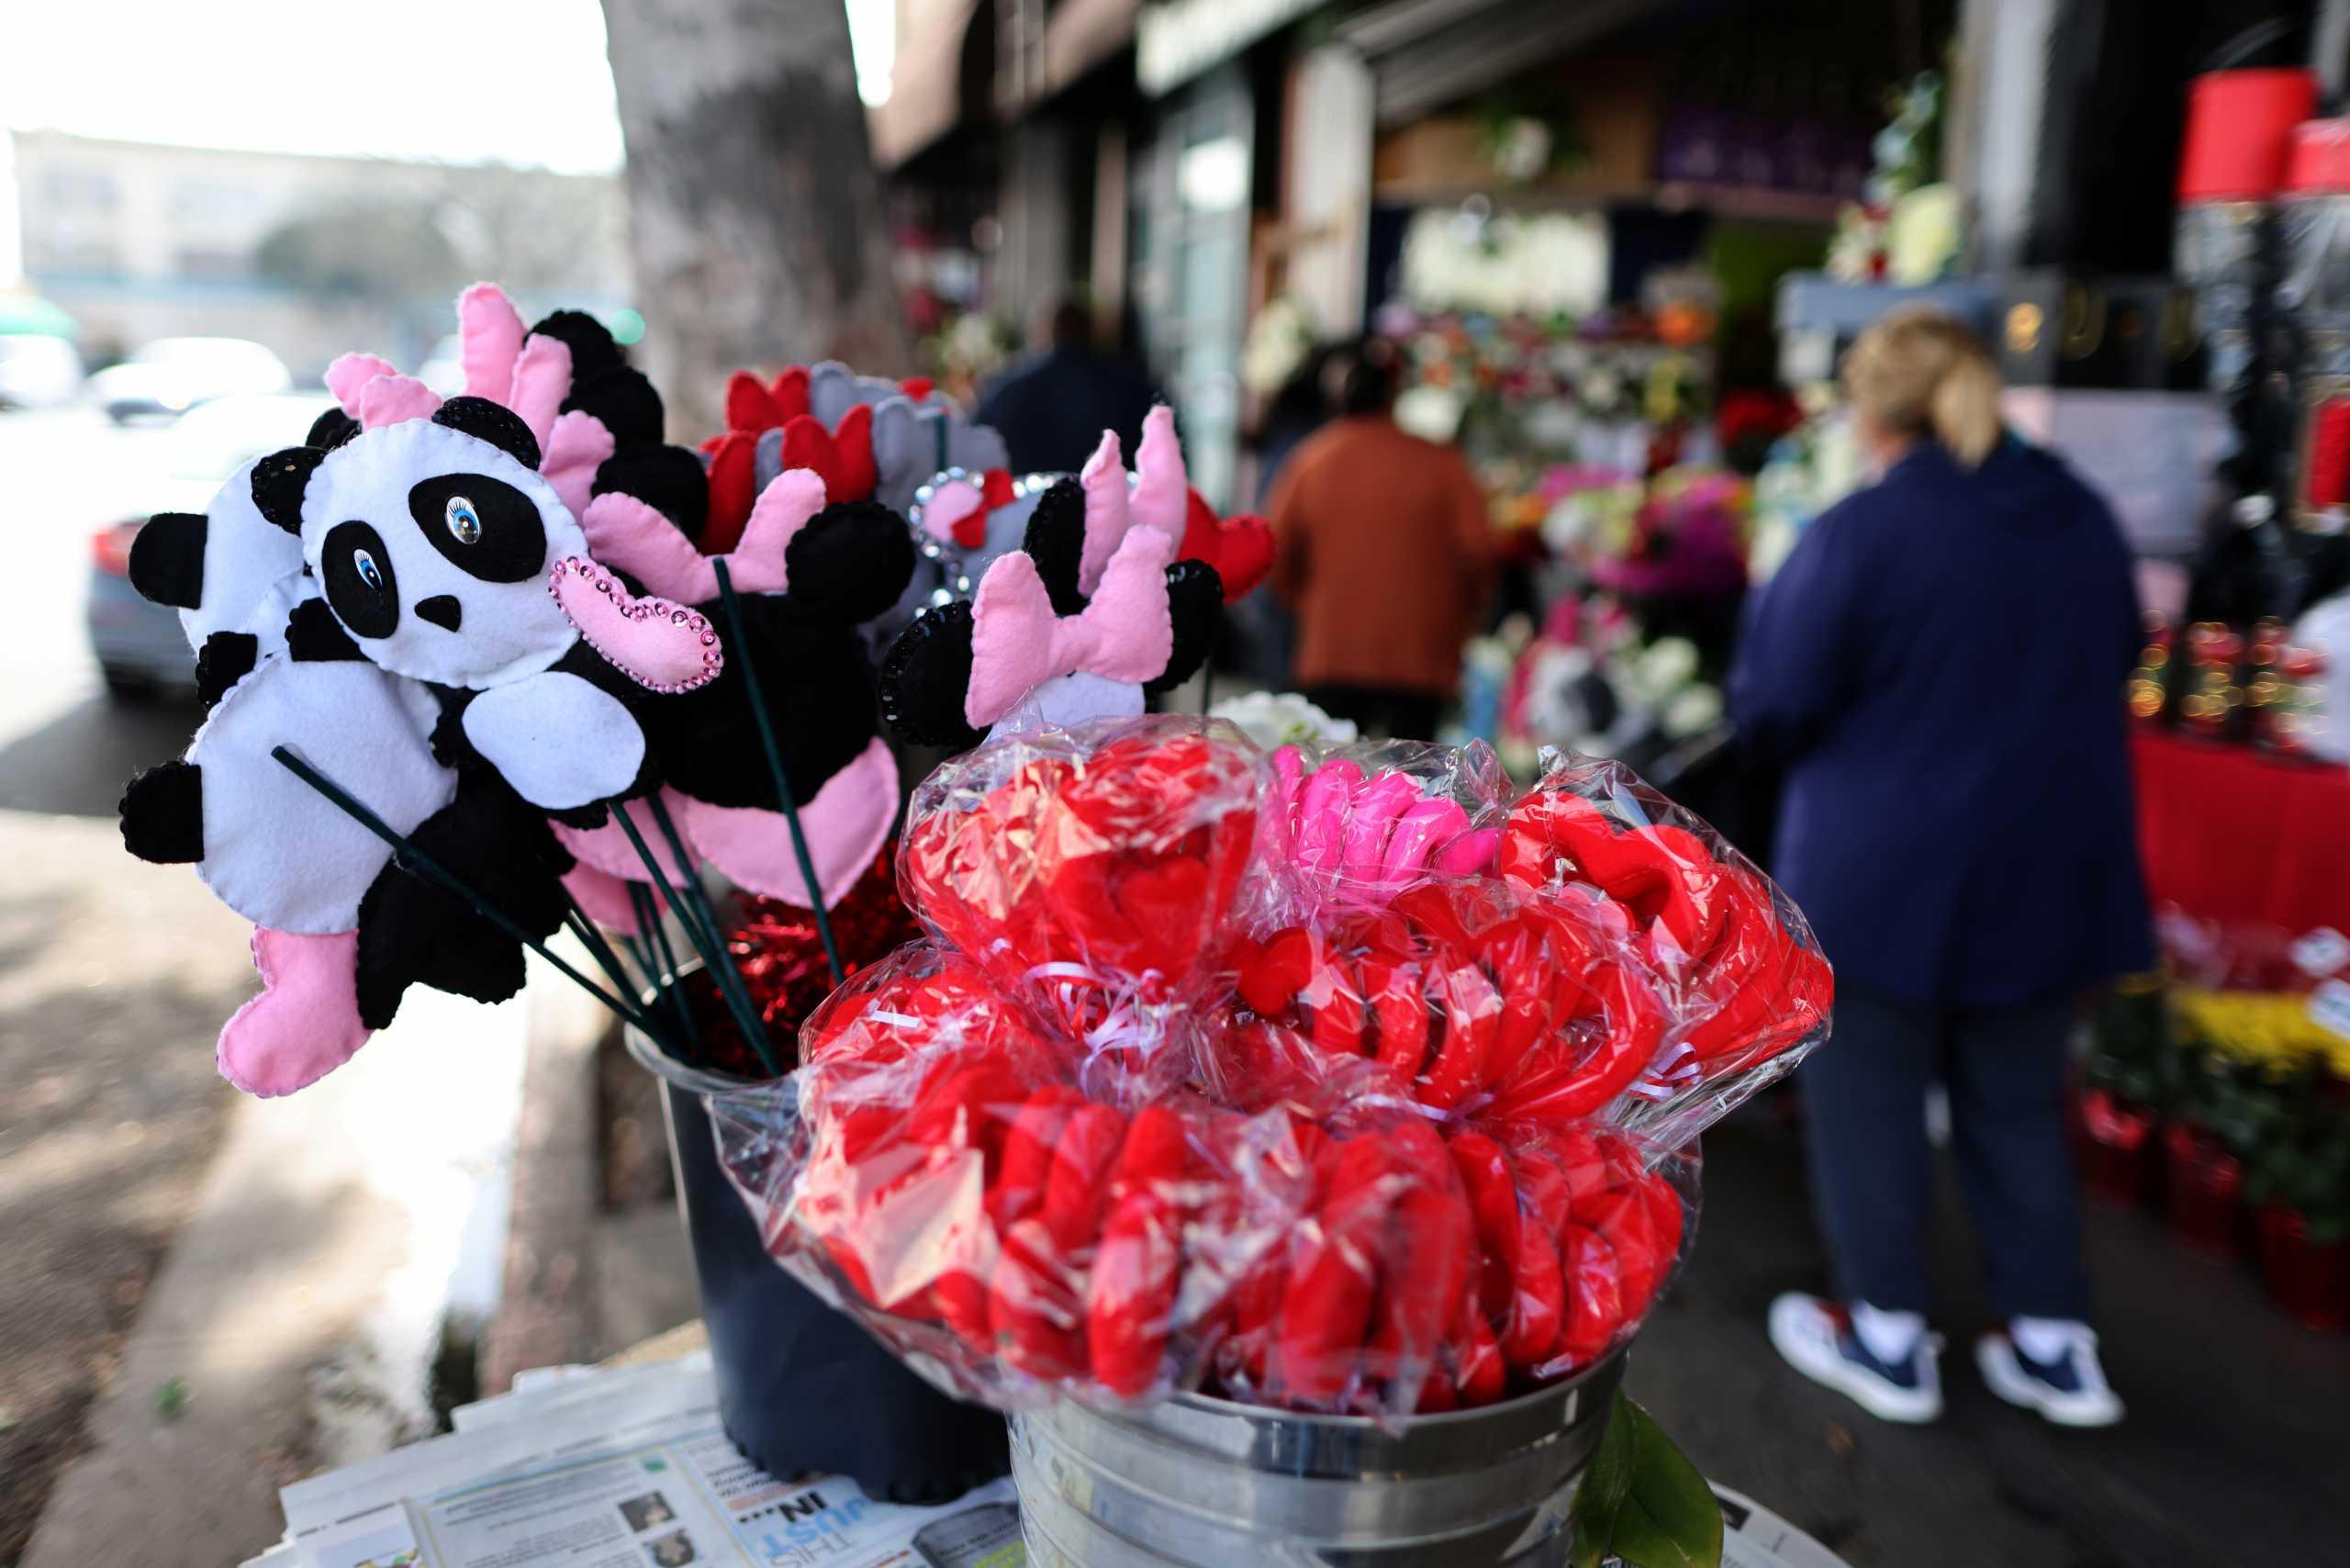 Αγίου Βαλεντίνου: Ο κορονοϊός φέρνει πρωτόγνωρο Φλεβάρη για τους ανθοπώλες